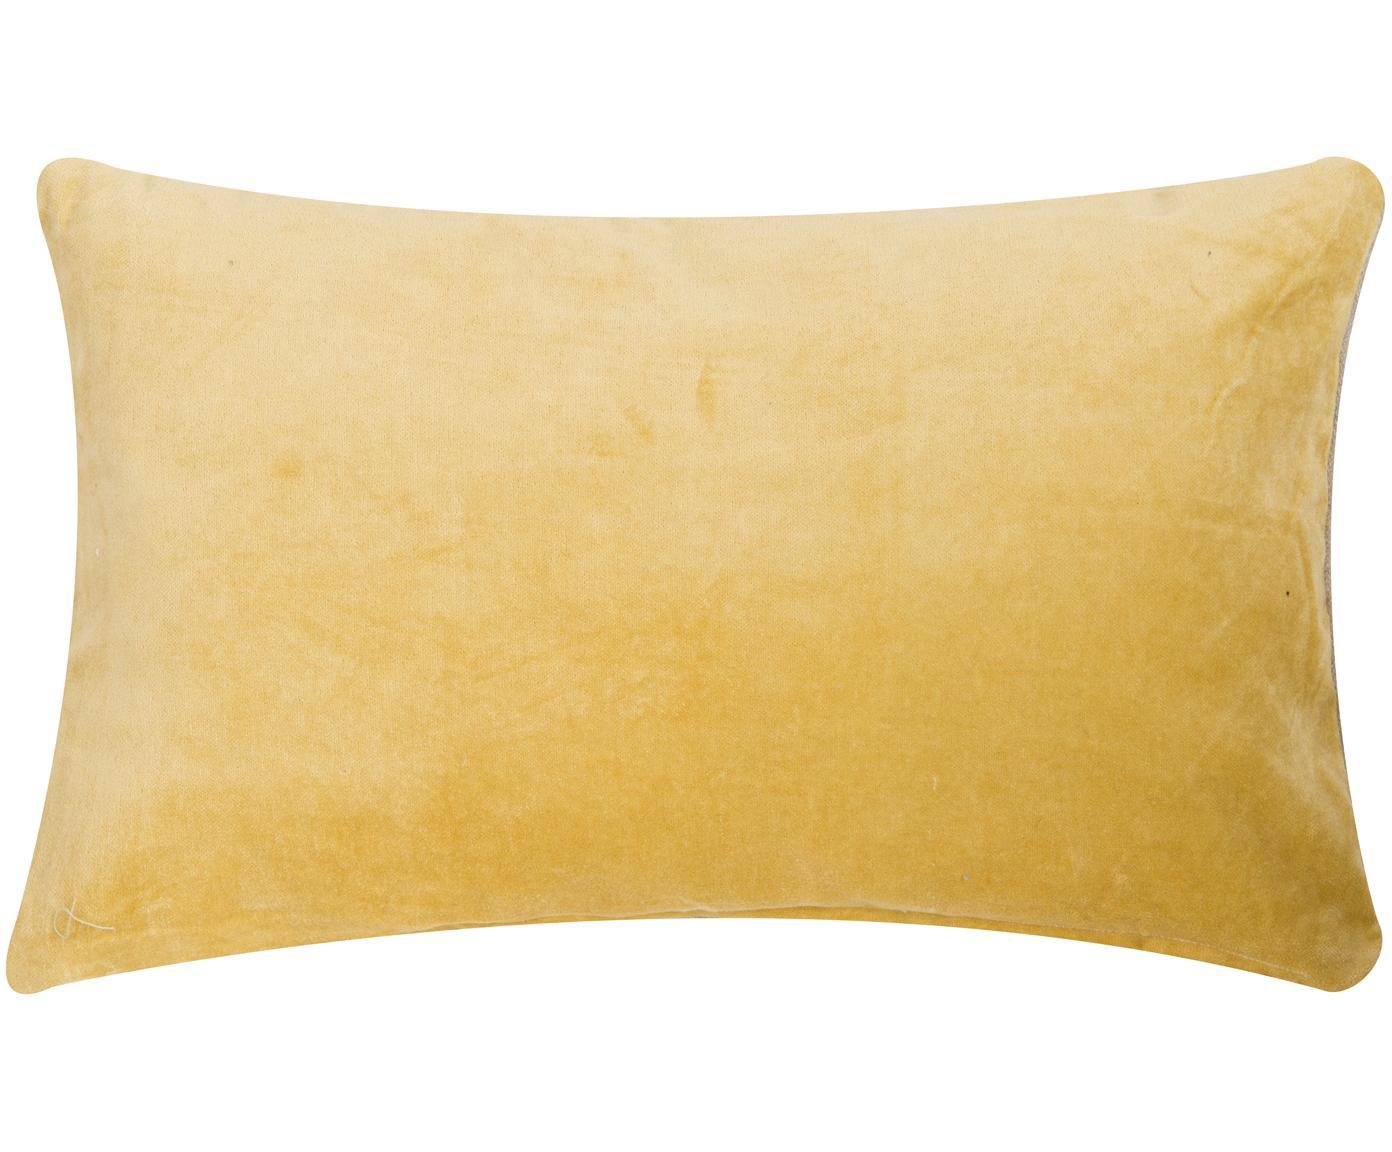 Samt-Kissen Velvet in Gelb, mit Inlett, Vorderseite: Baumwollsamt, Rückseite: Wolle, Gelb, Hellbeige, 30 x 50 cm